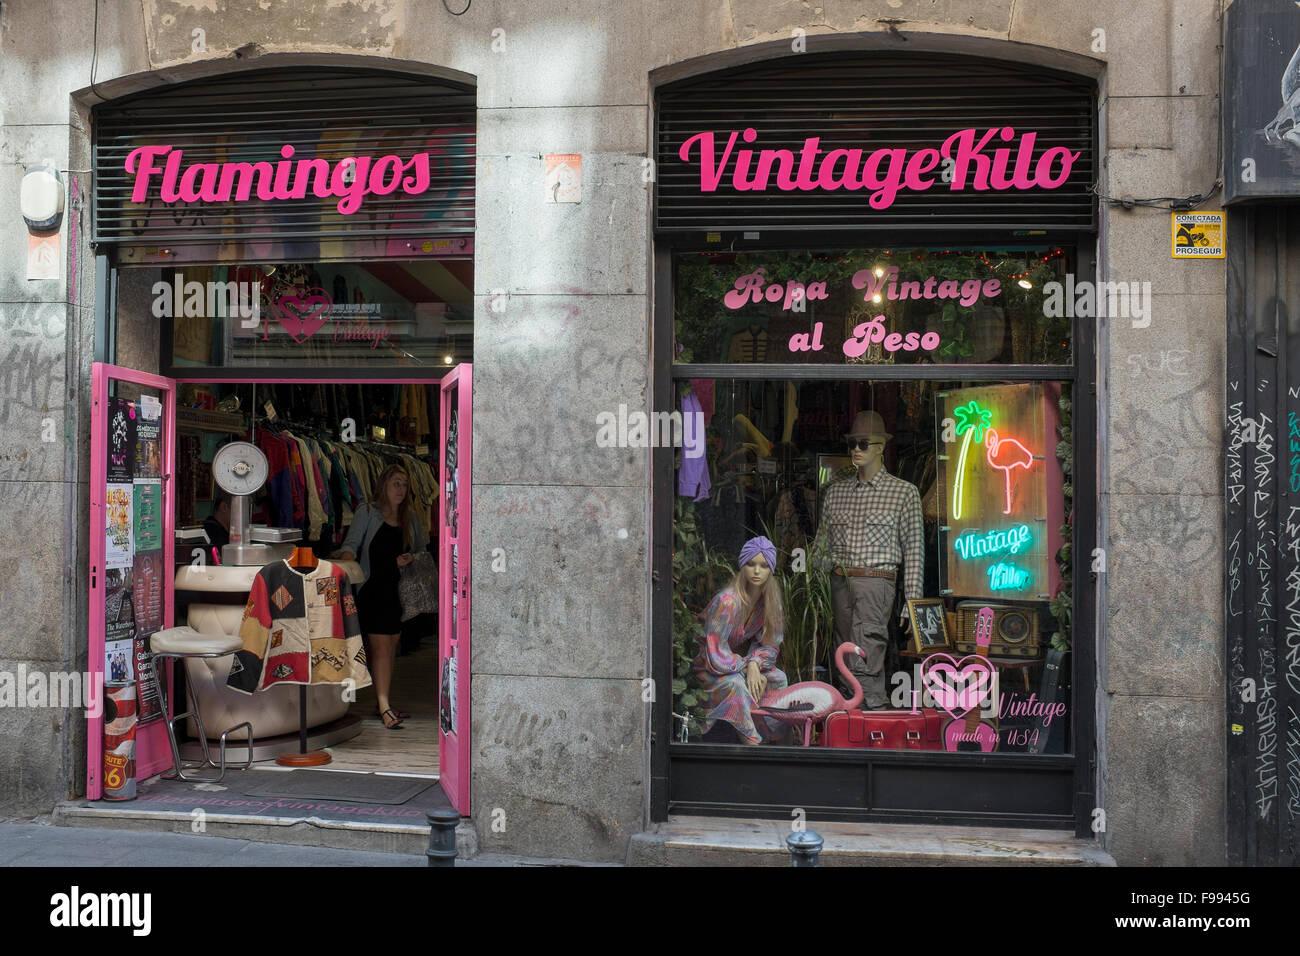 Flamingos Vintage Kilo Fashion Store - Stock Image